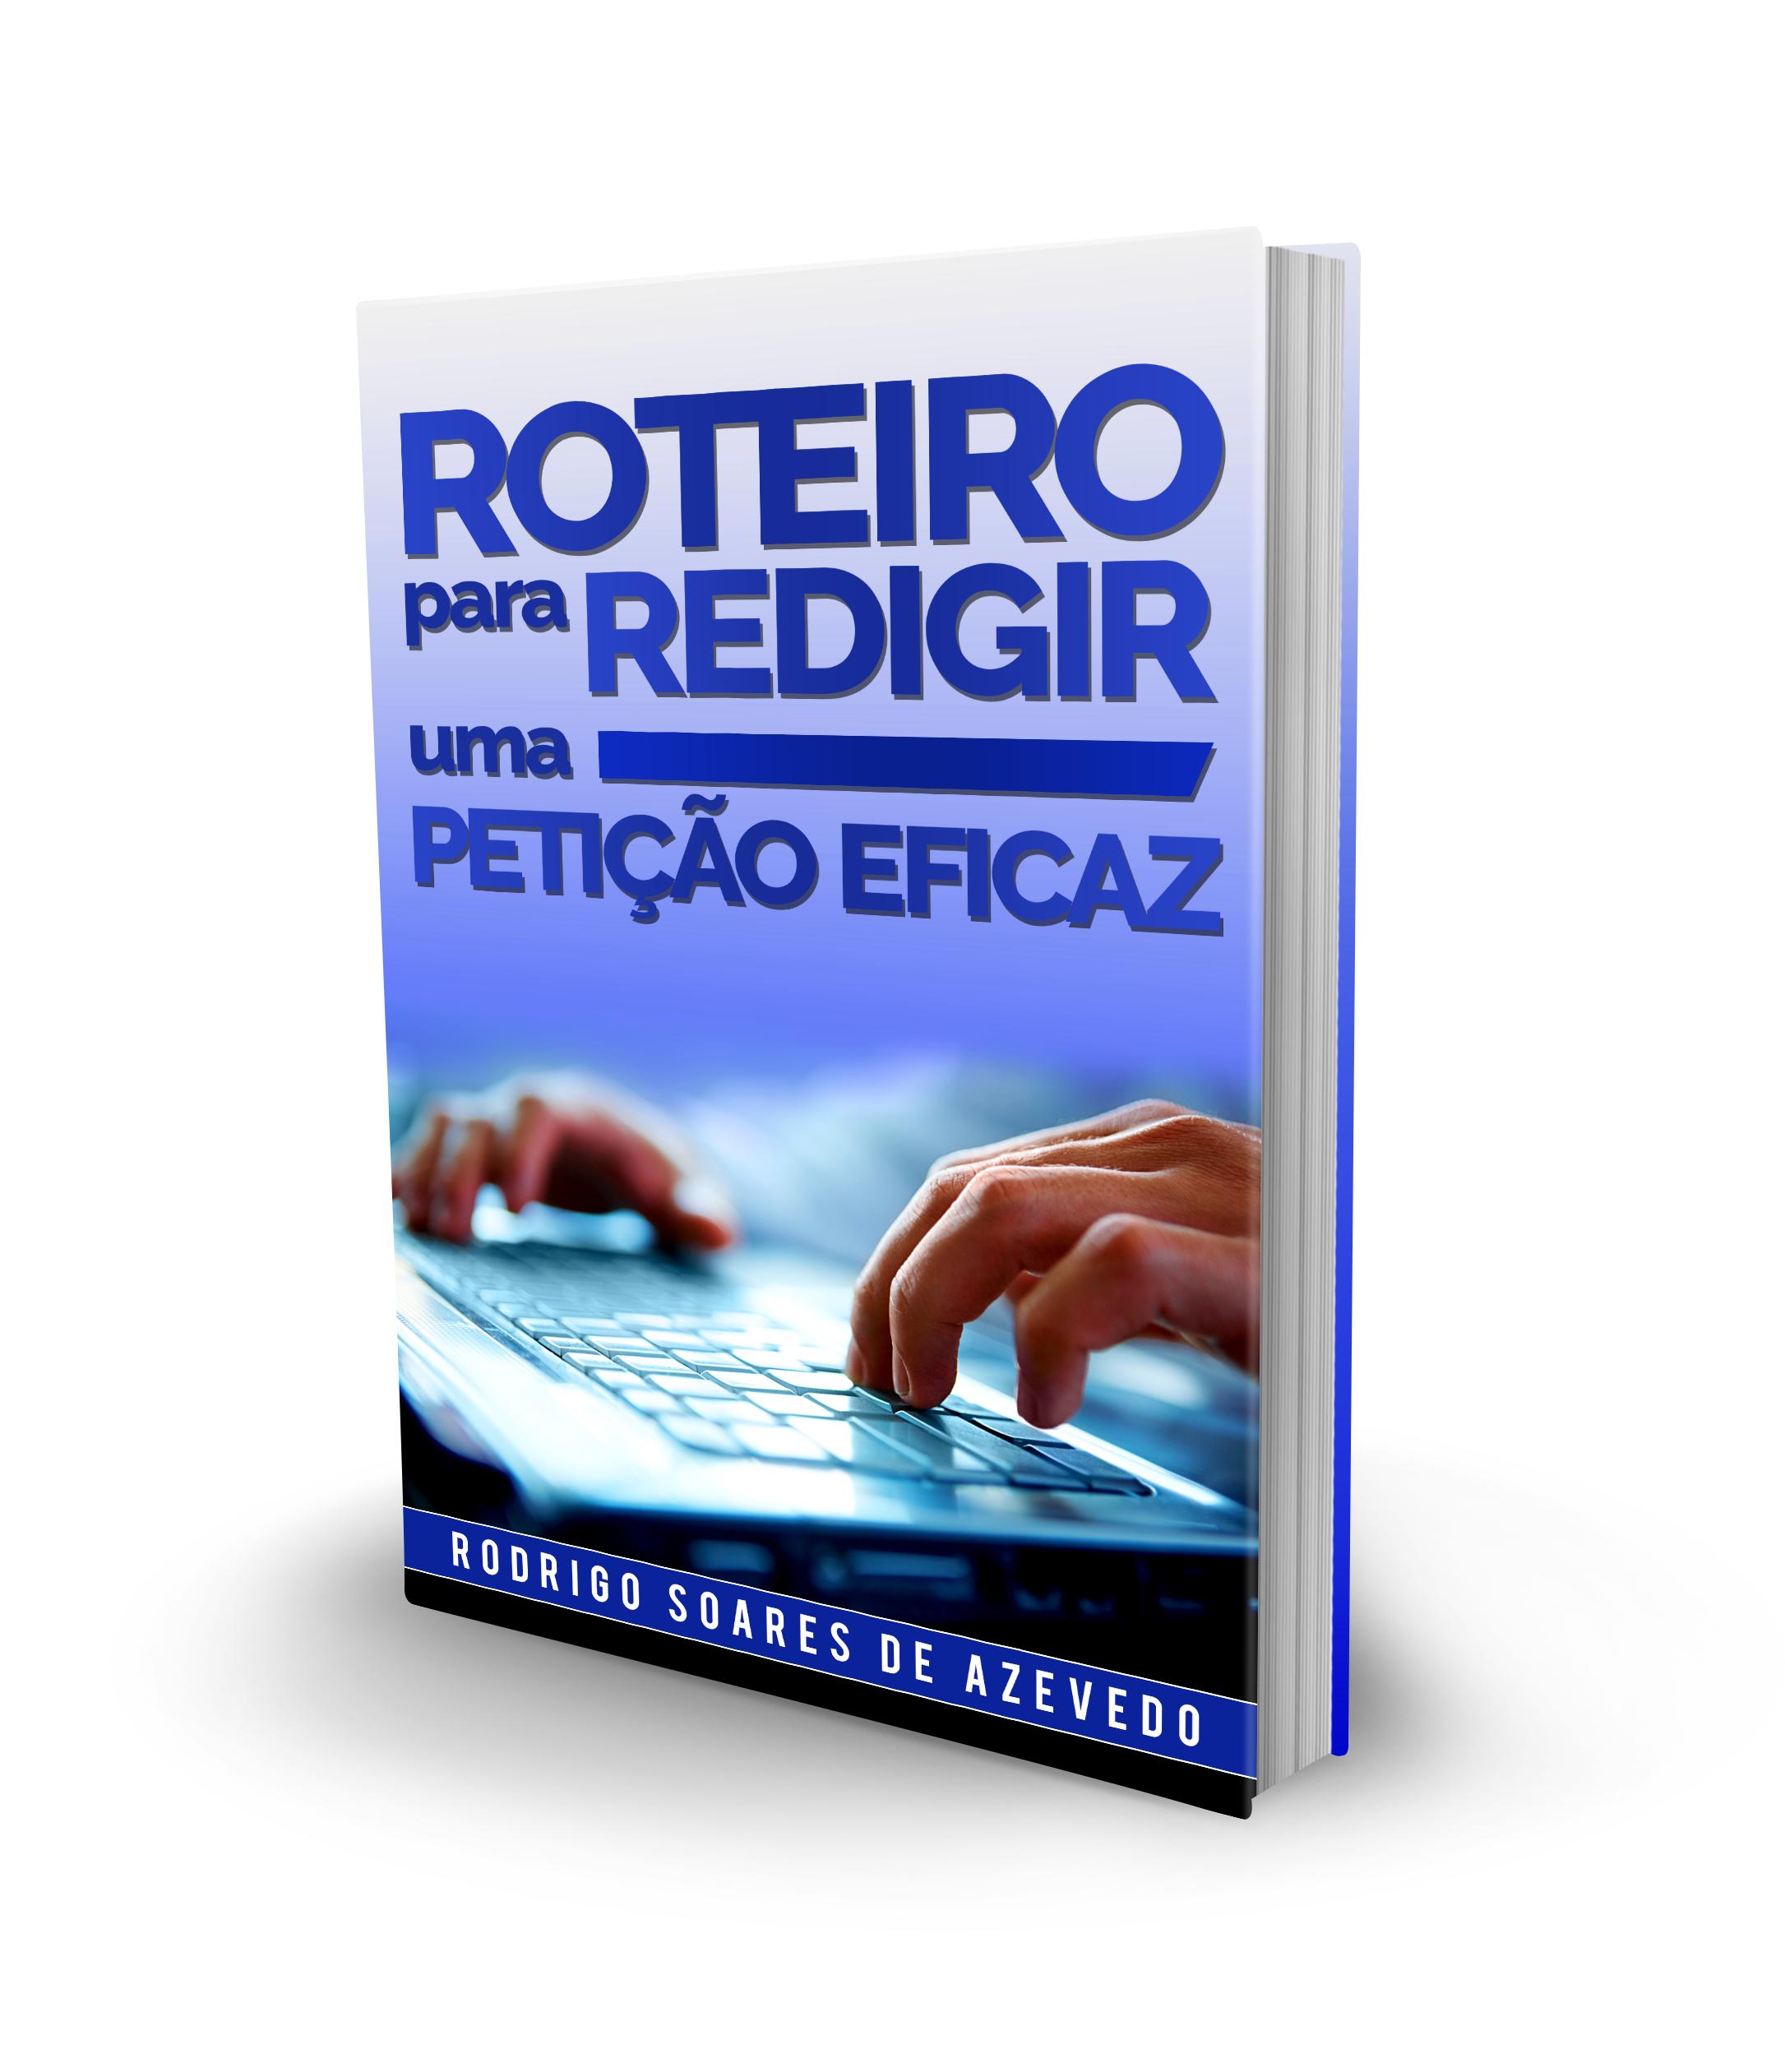 E-BOOK: ROTEIRO PARA REDIGIR PETIÇÕES EFICAZES EM PROCESSOS DE LICITAÇÃO